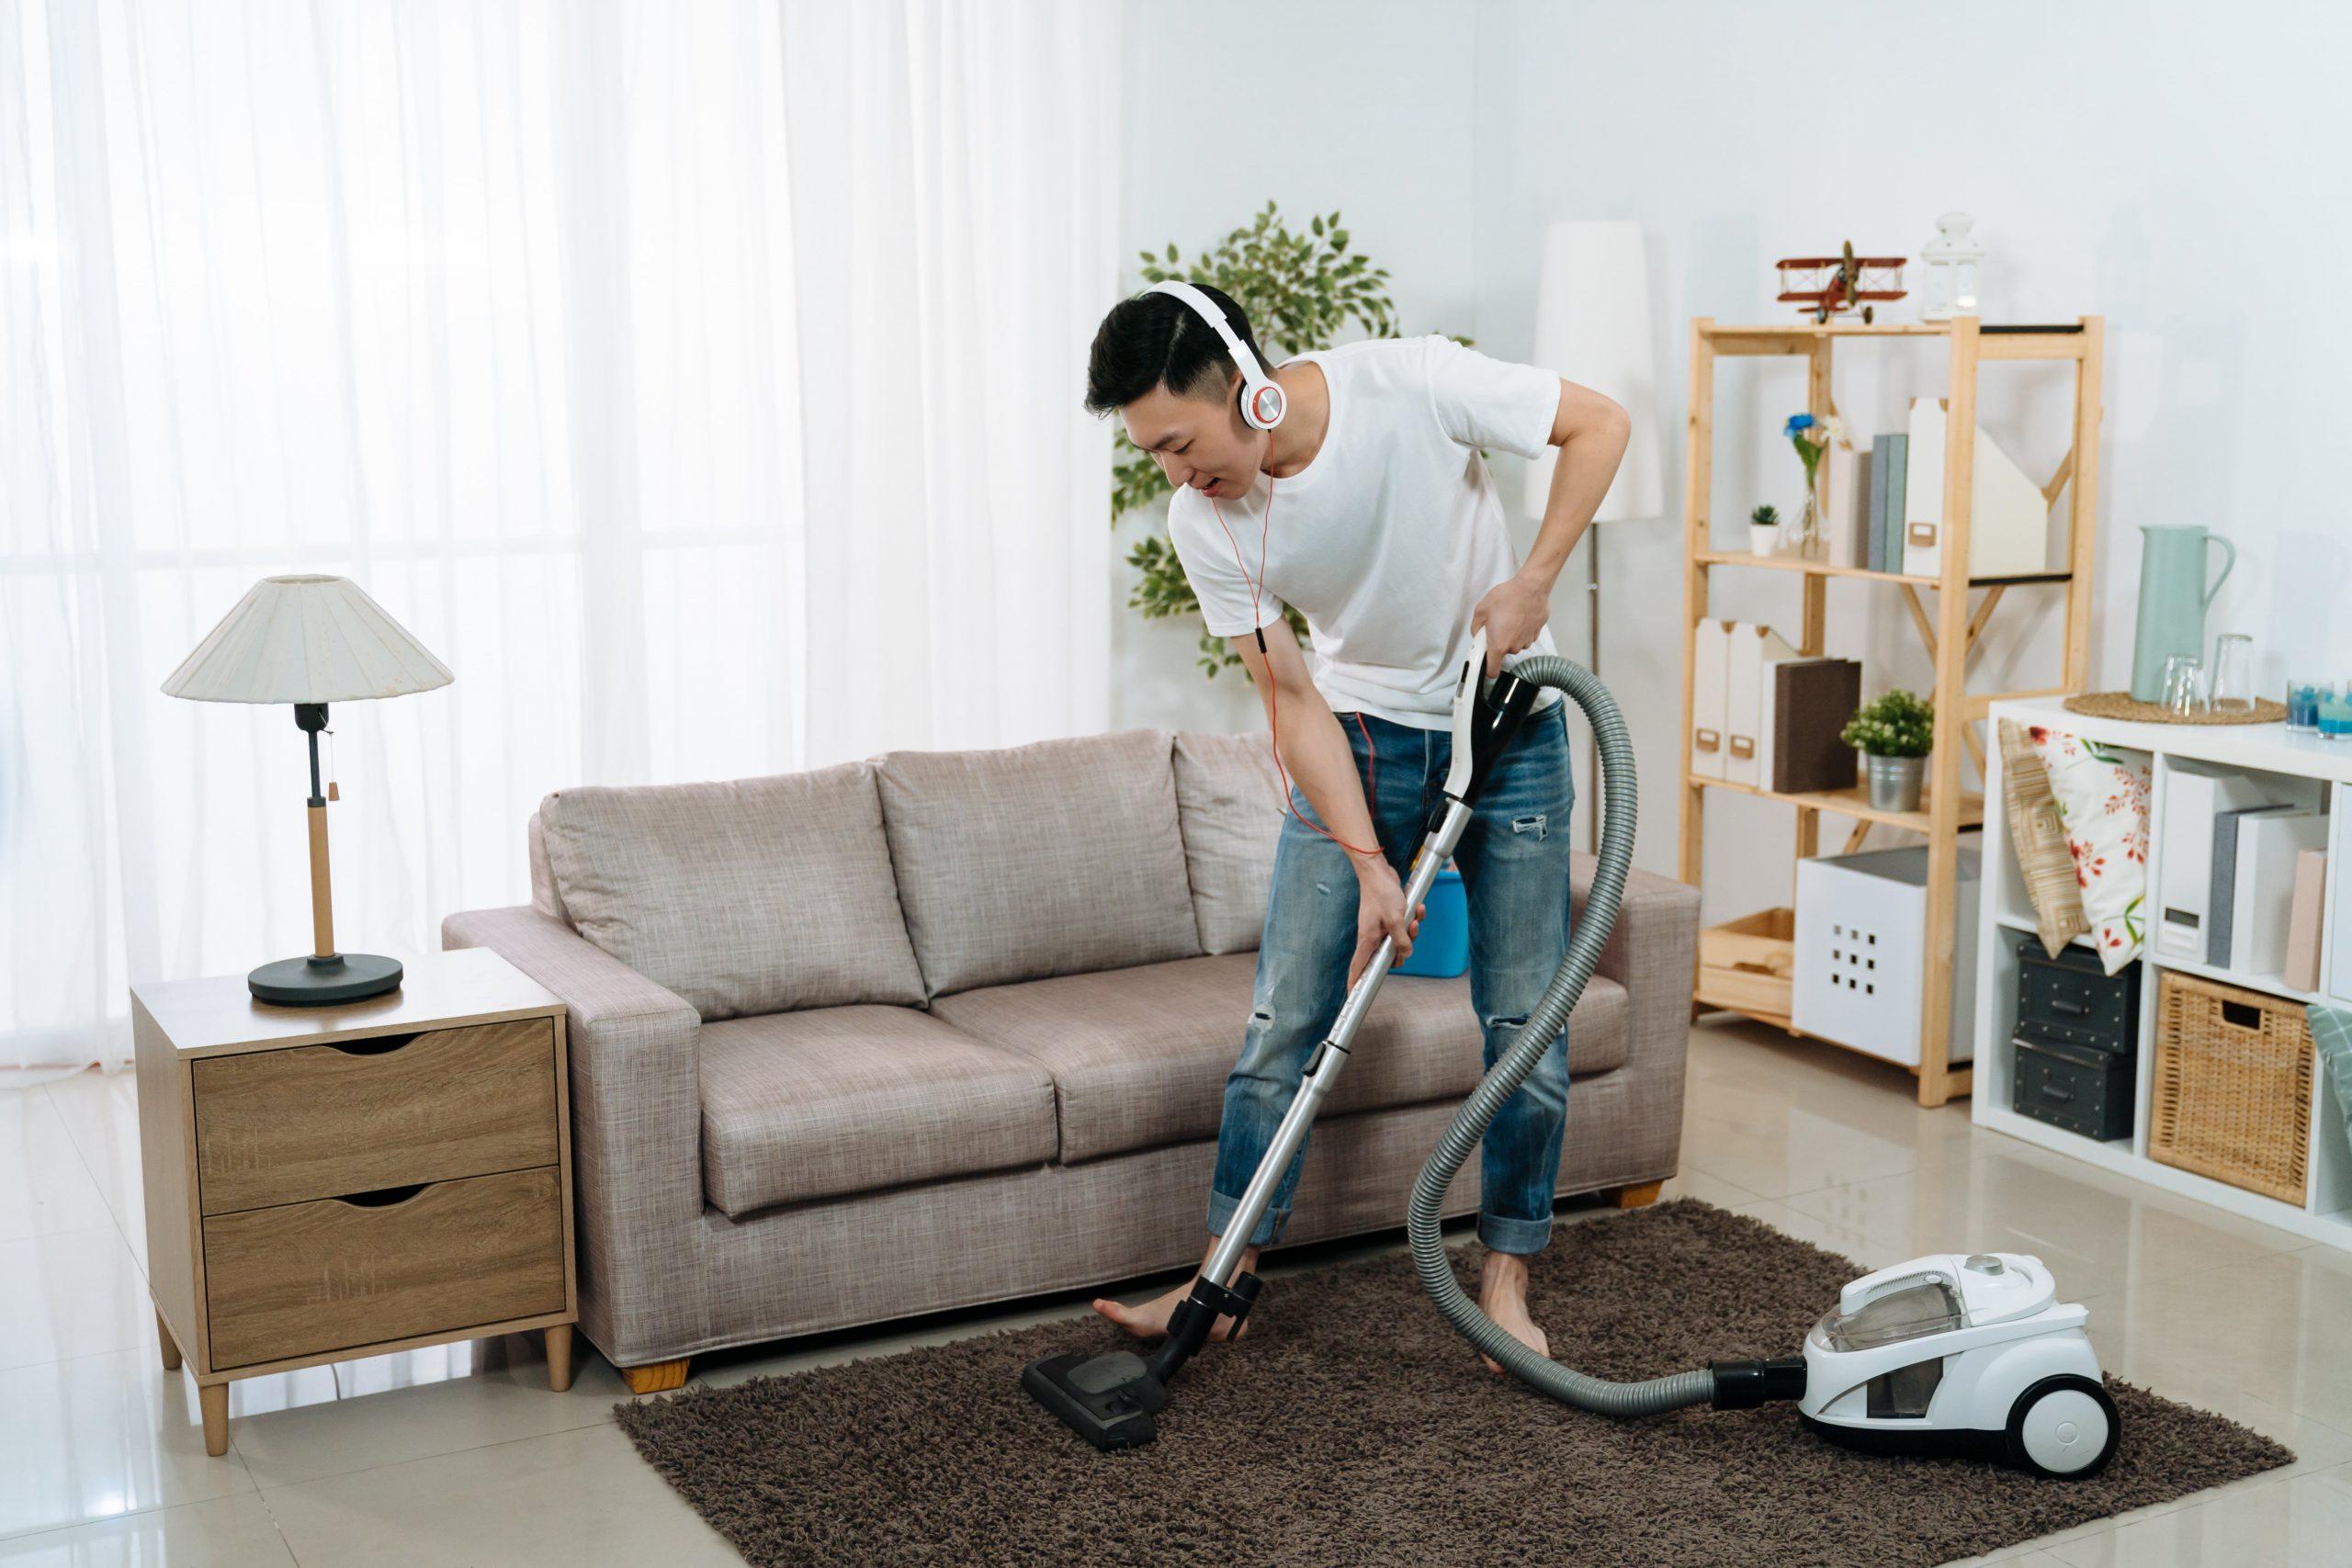 young man vacuuming his apartment